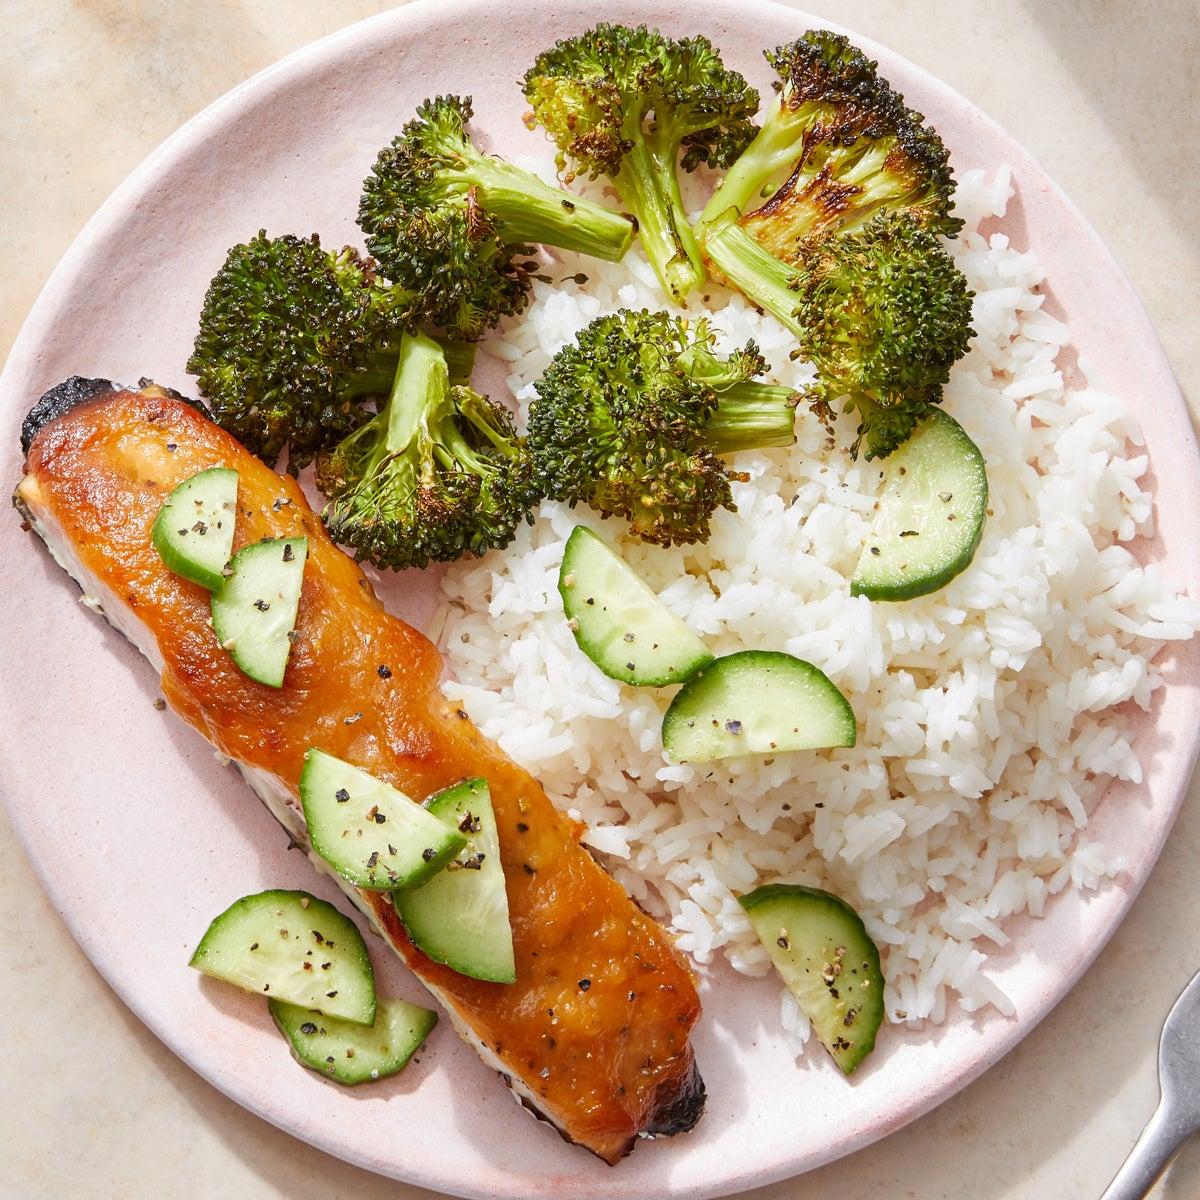 Sweet & Savory Glazed Salmon with Sesame Broccoli & Garlic Rice